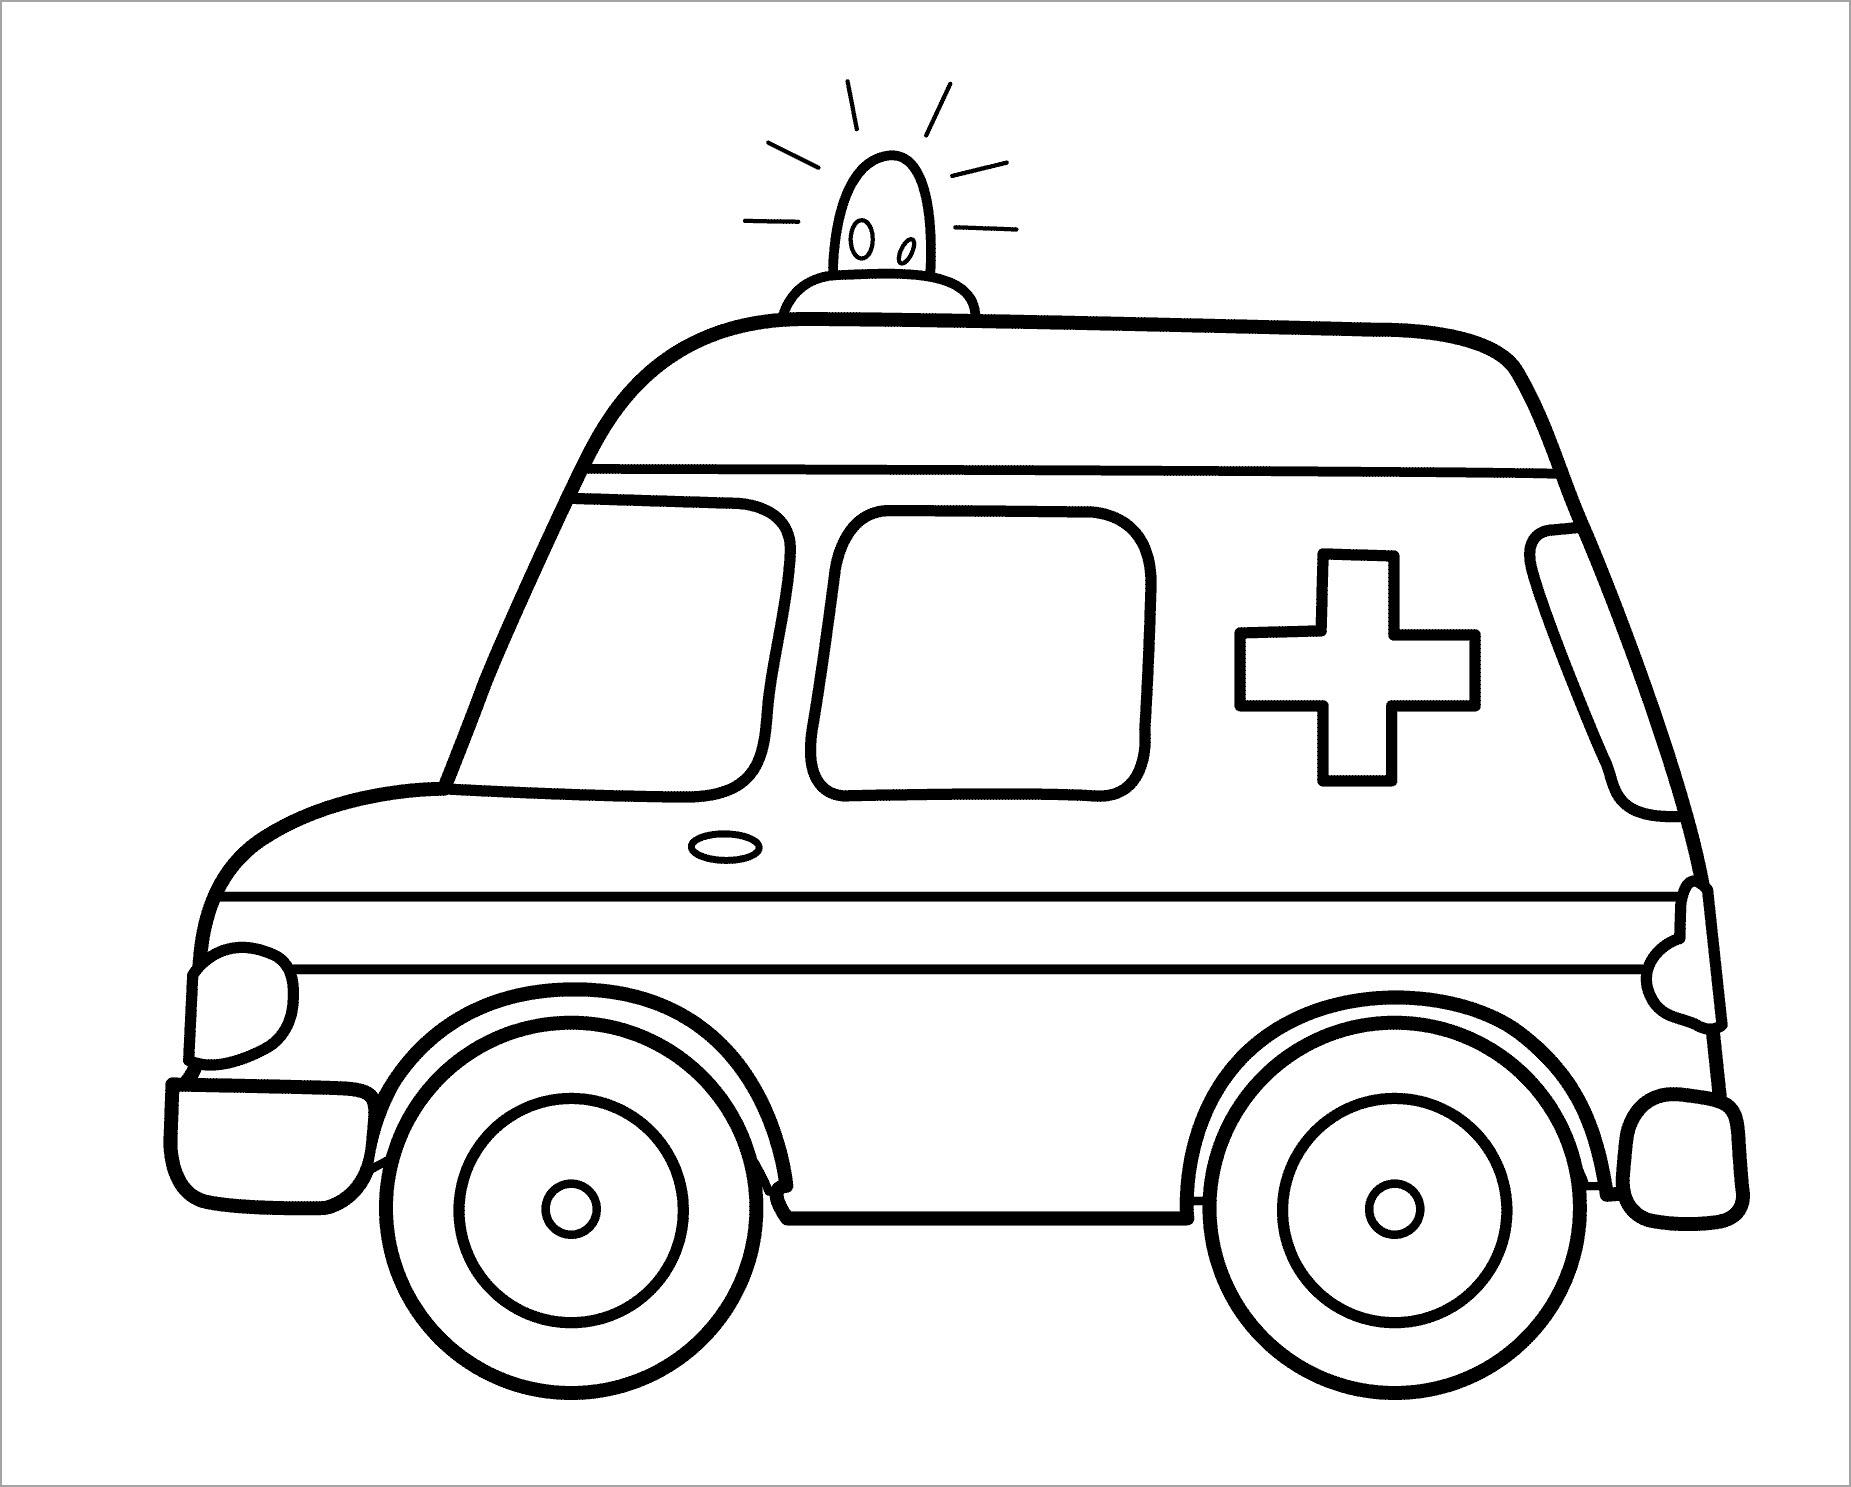 Tranh tô màu xe cứu thương